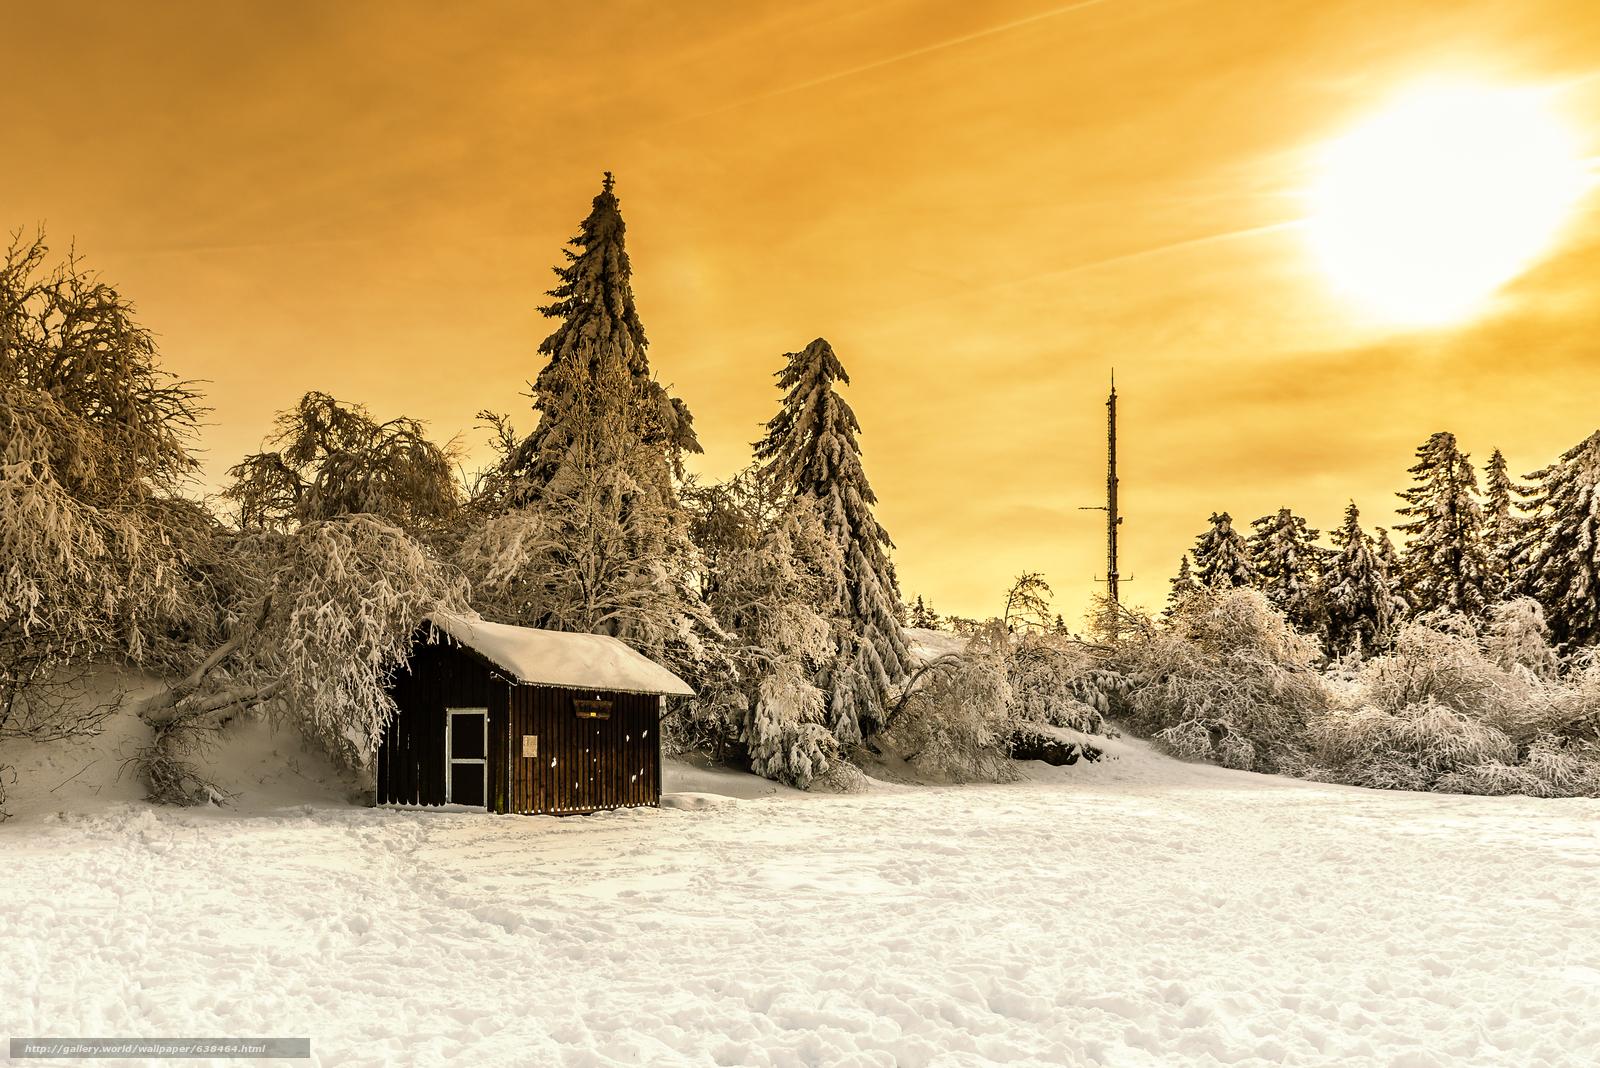 Скачать обои закат,  зима,  домик,  деревья бесплатно для рабочего стола в разрешении 4608x3076 — картинка №638464